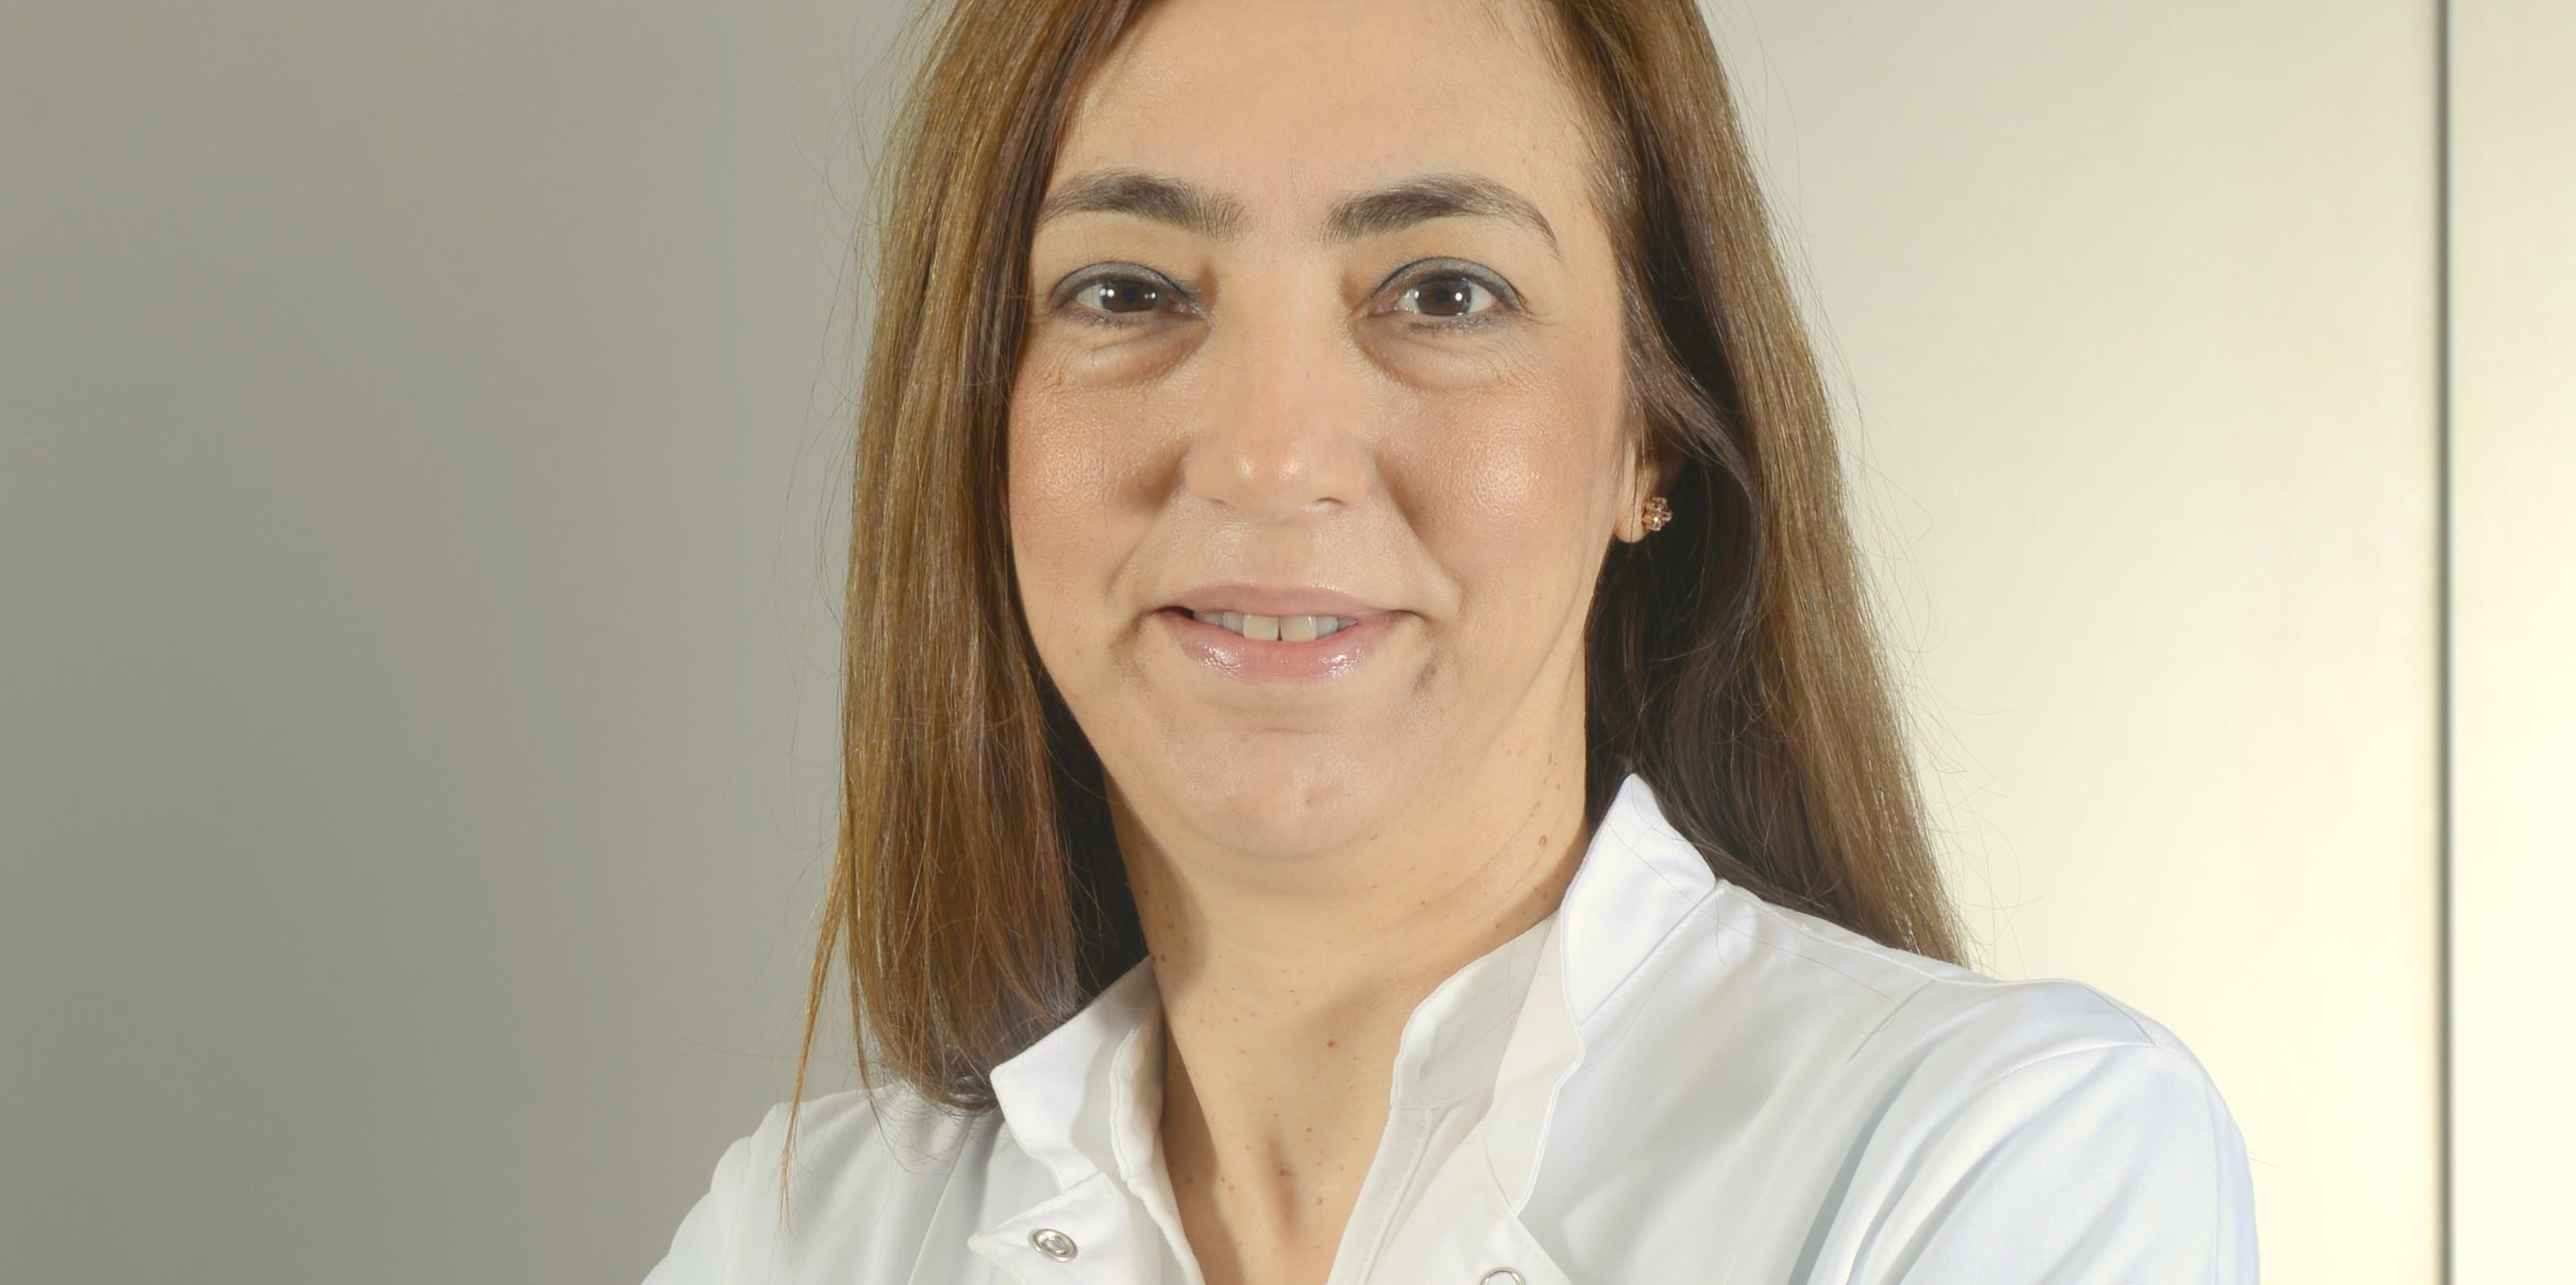 Kemoterapide mide bulantısını önlemek için